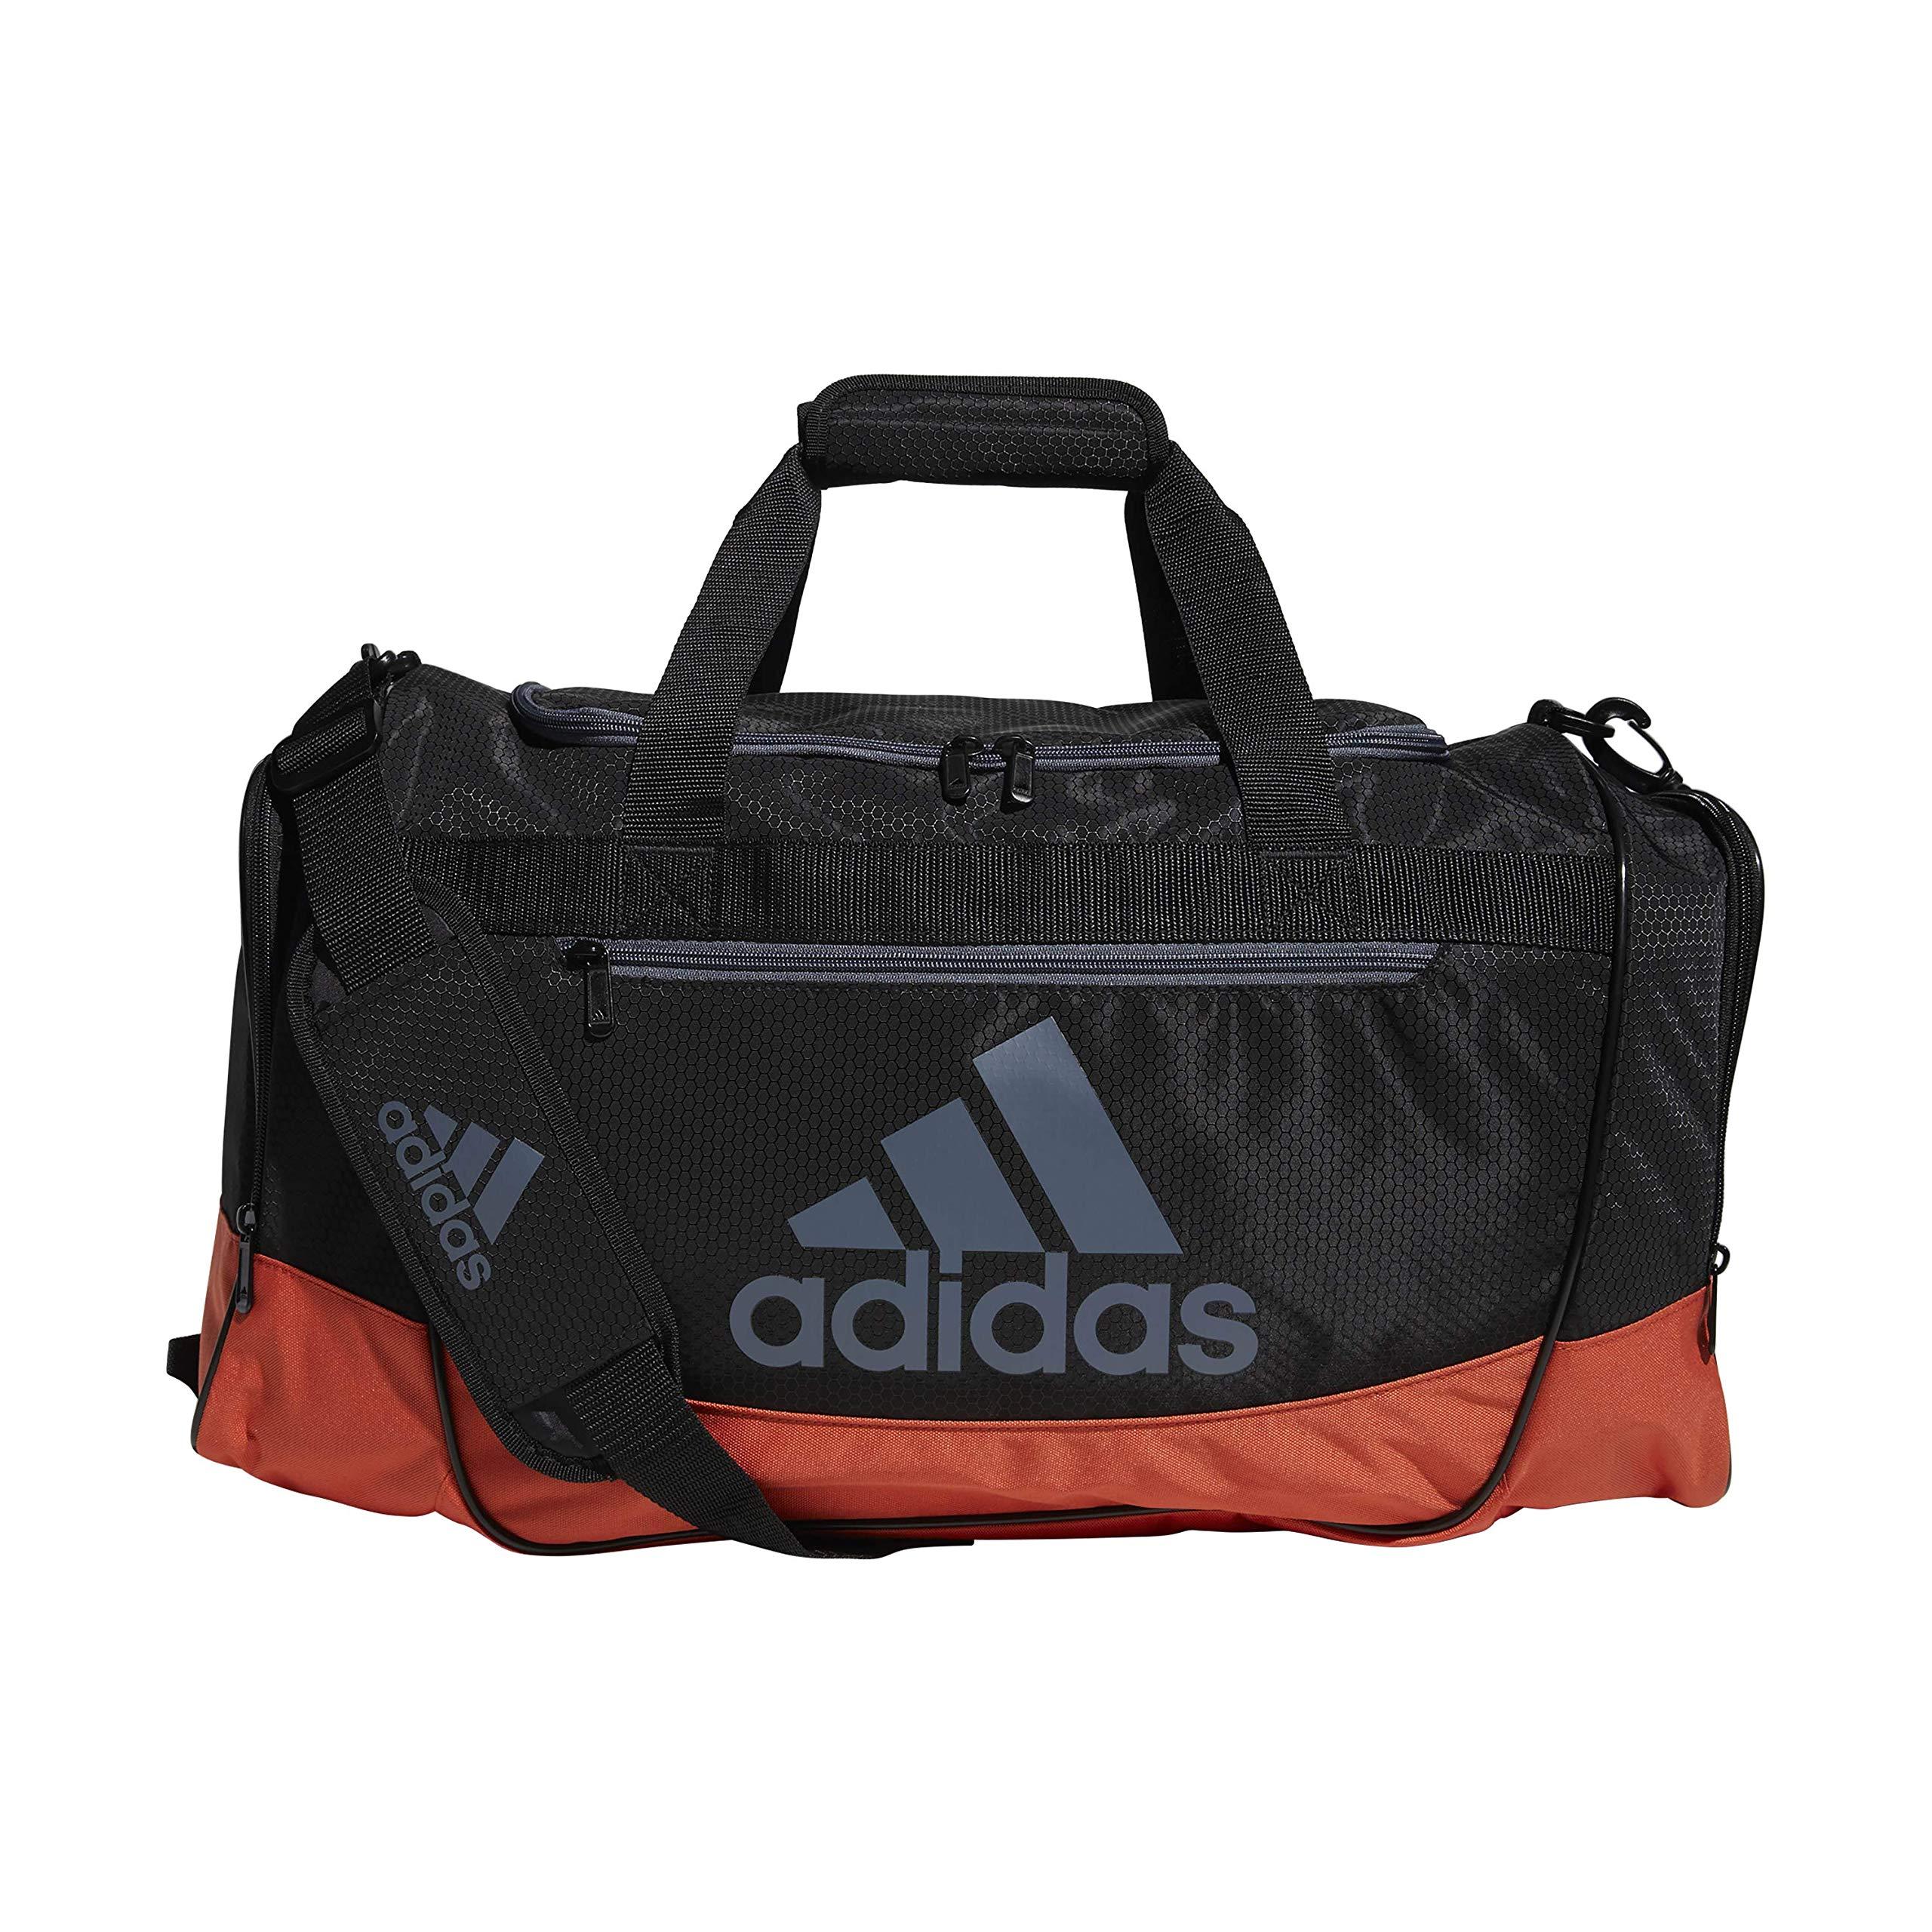 adidas Defender III Medium Duffel, Black/Raw Amber Orange/Onix, One Size by adidas